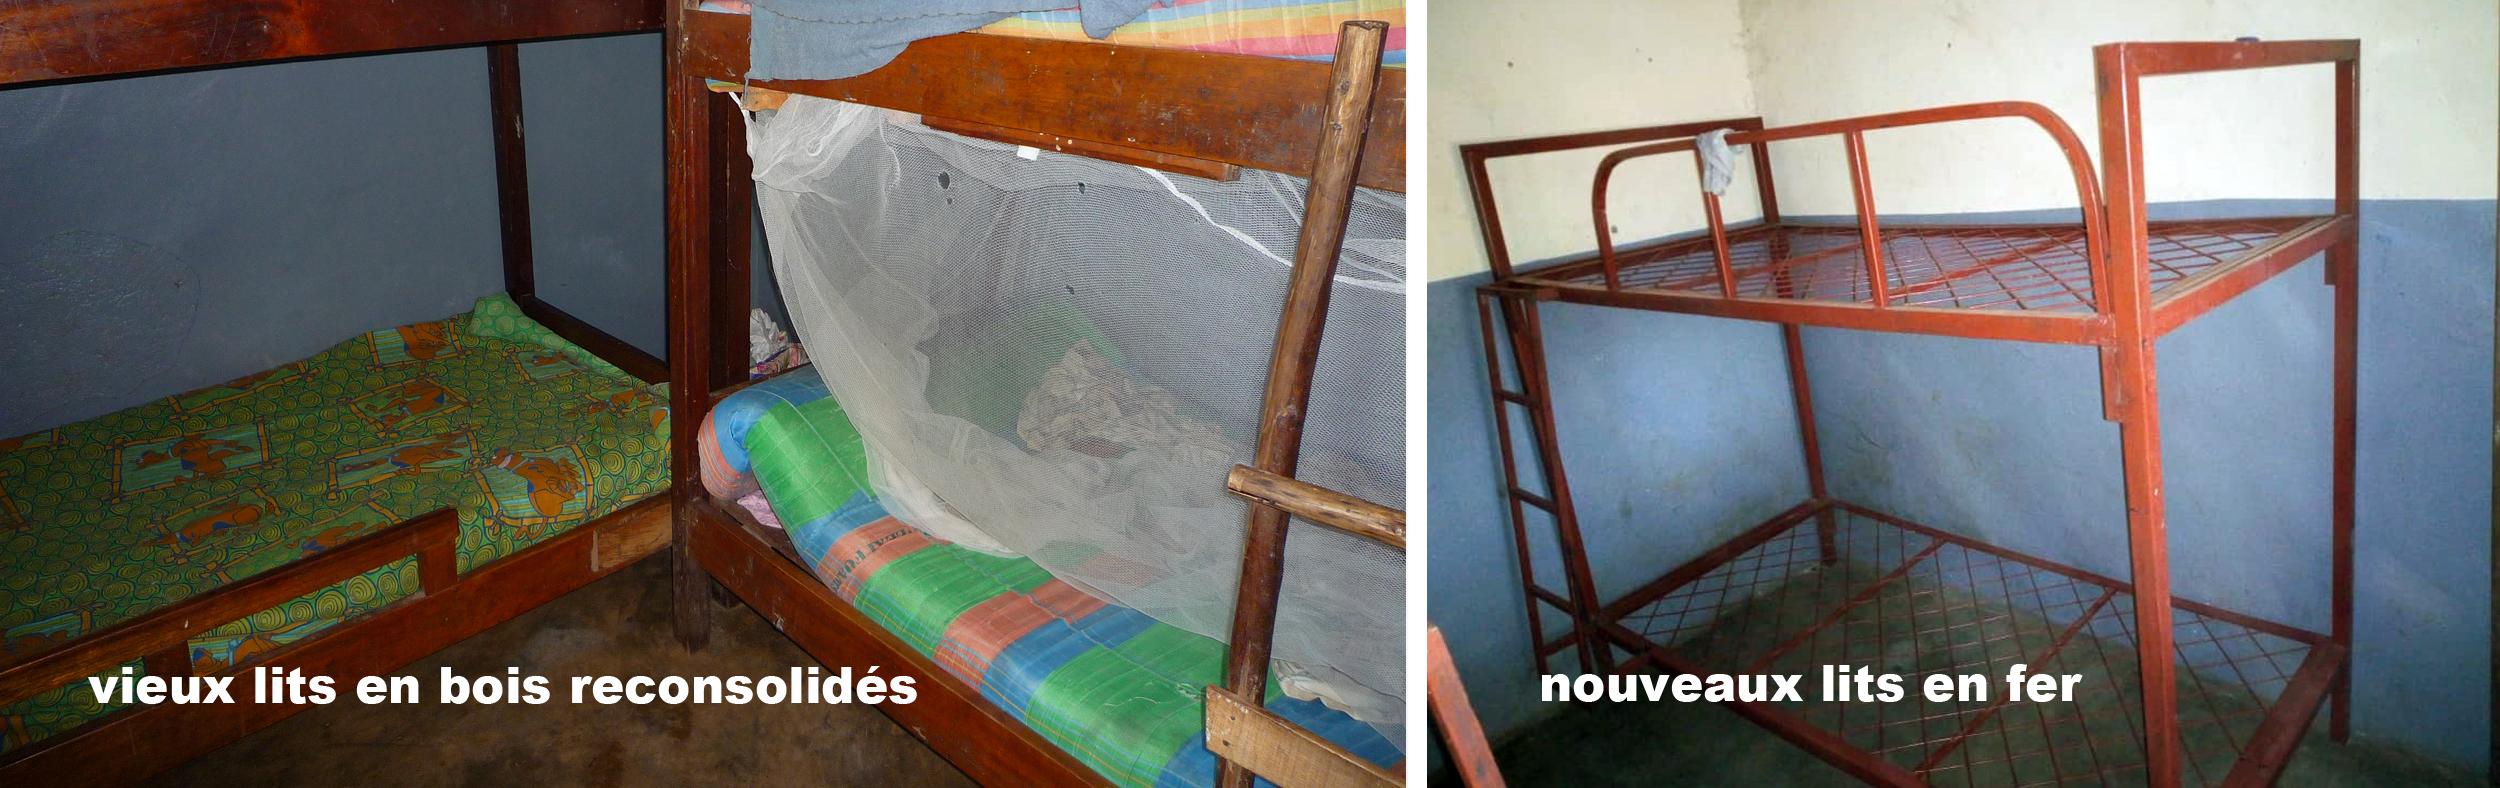 nouveaux lits en fer